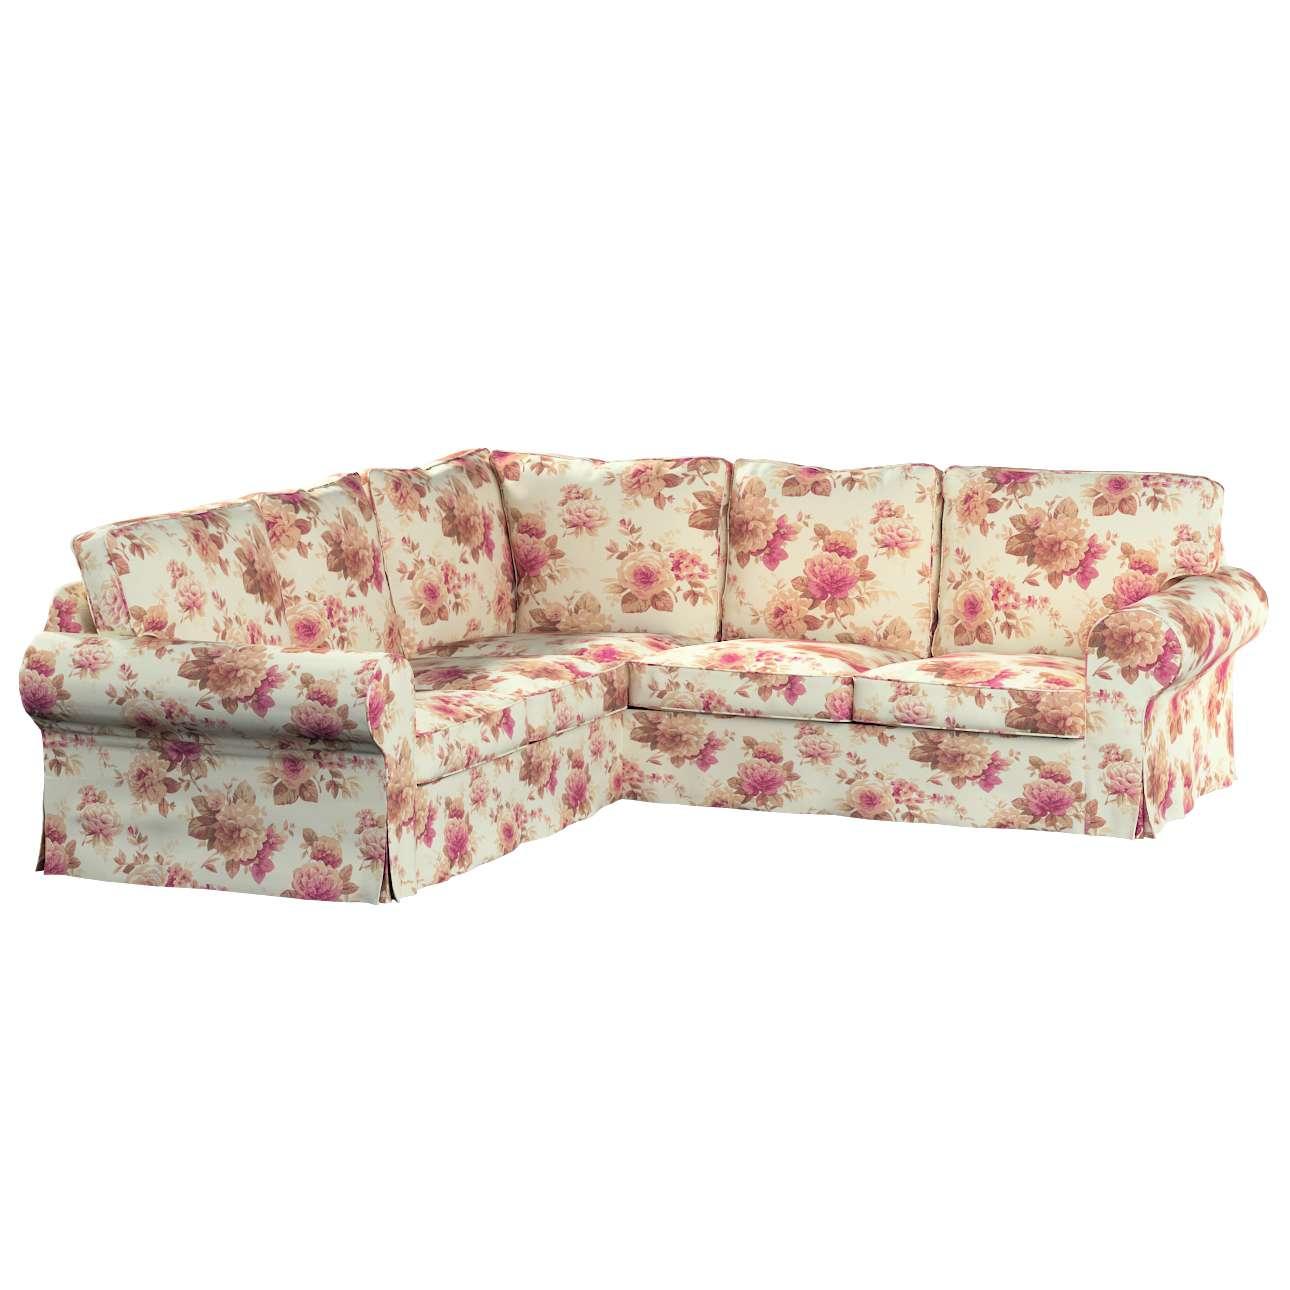 Pokrowiec Ektorp na sofę w kolekcji Mirella, tkanina: 141-06